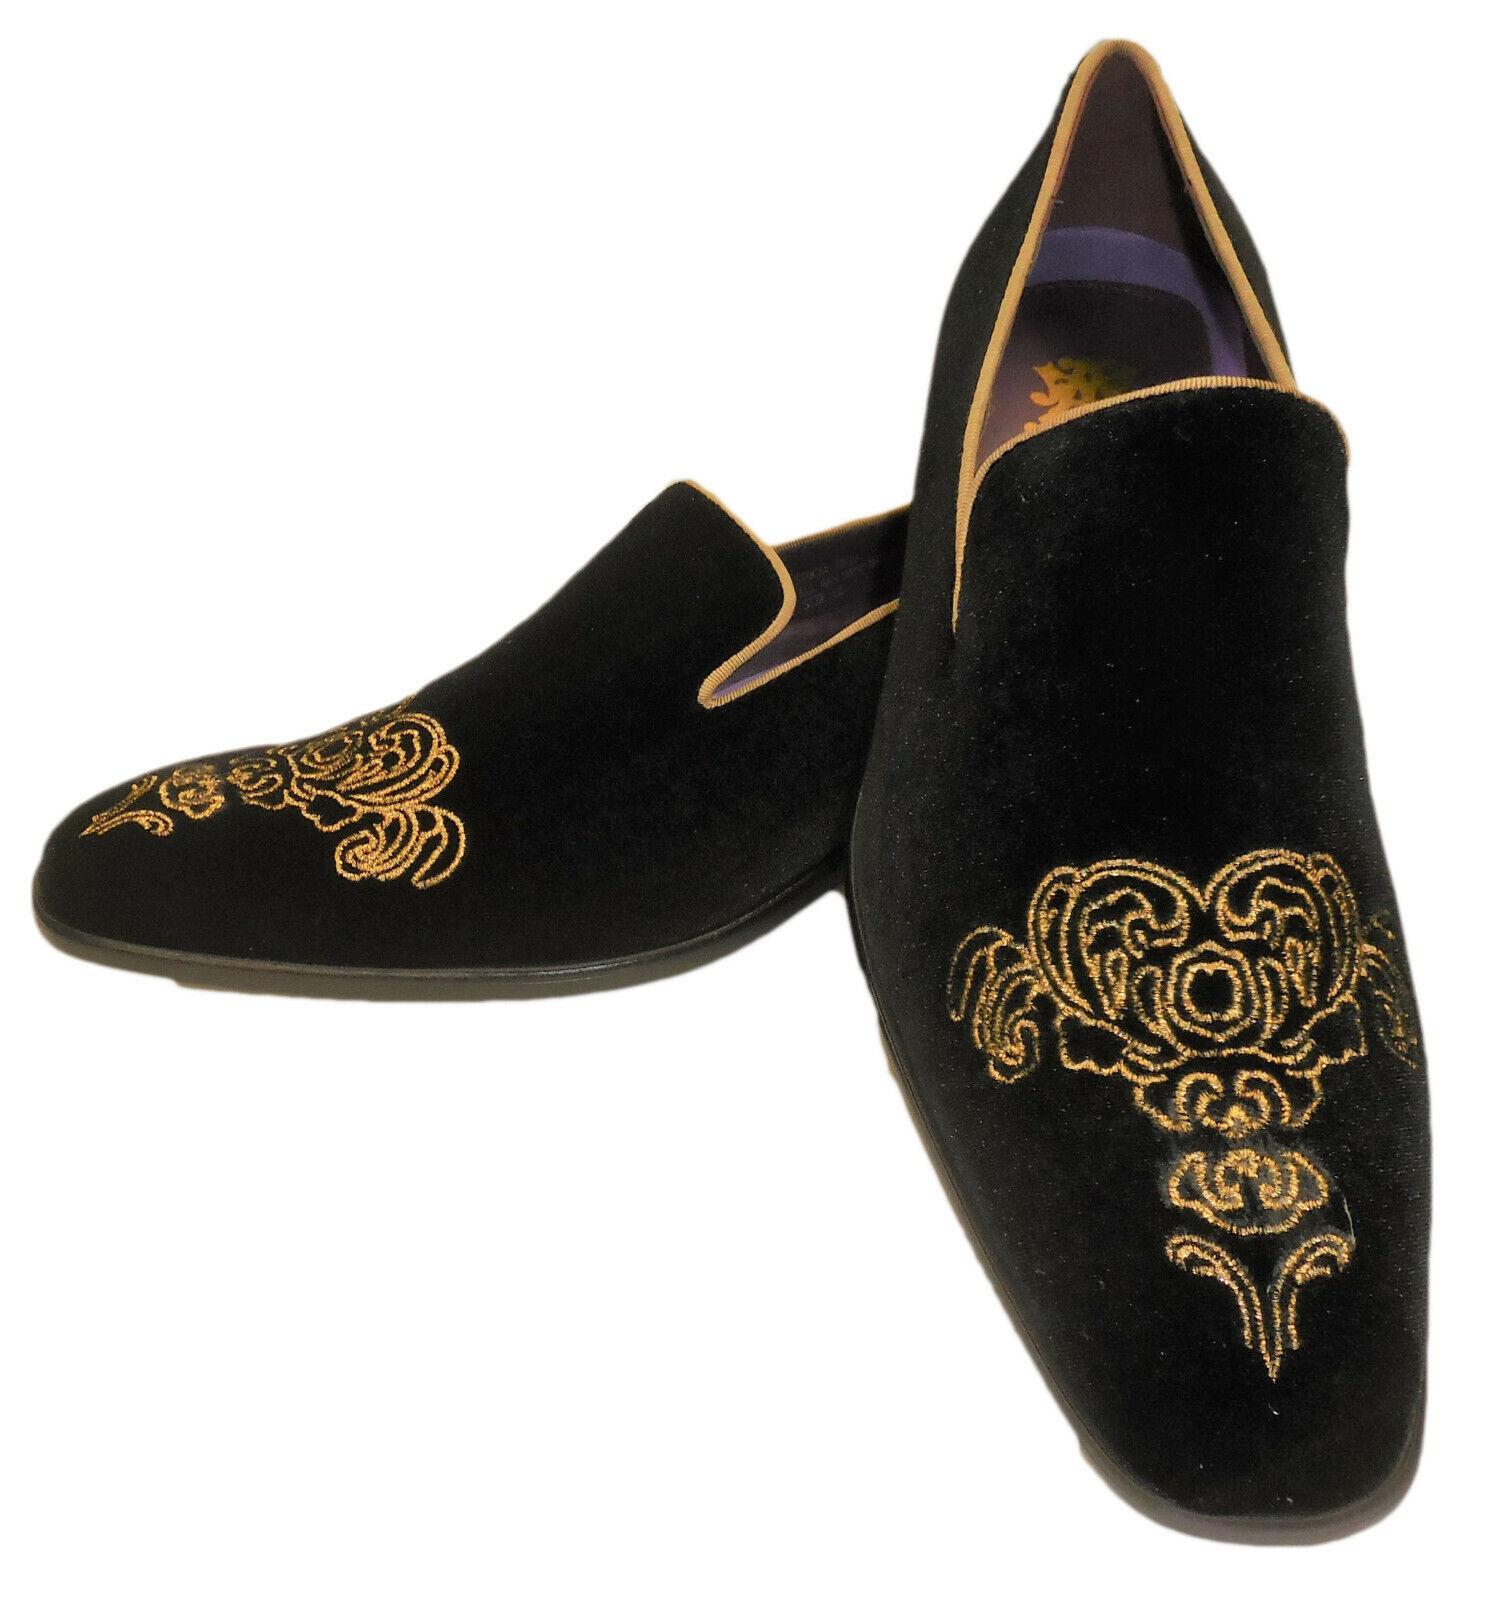 AM 6823 Homme Haute End Velours   Mocassins Chaussures Riche Noir avec Détail Doré